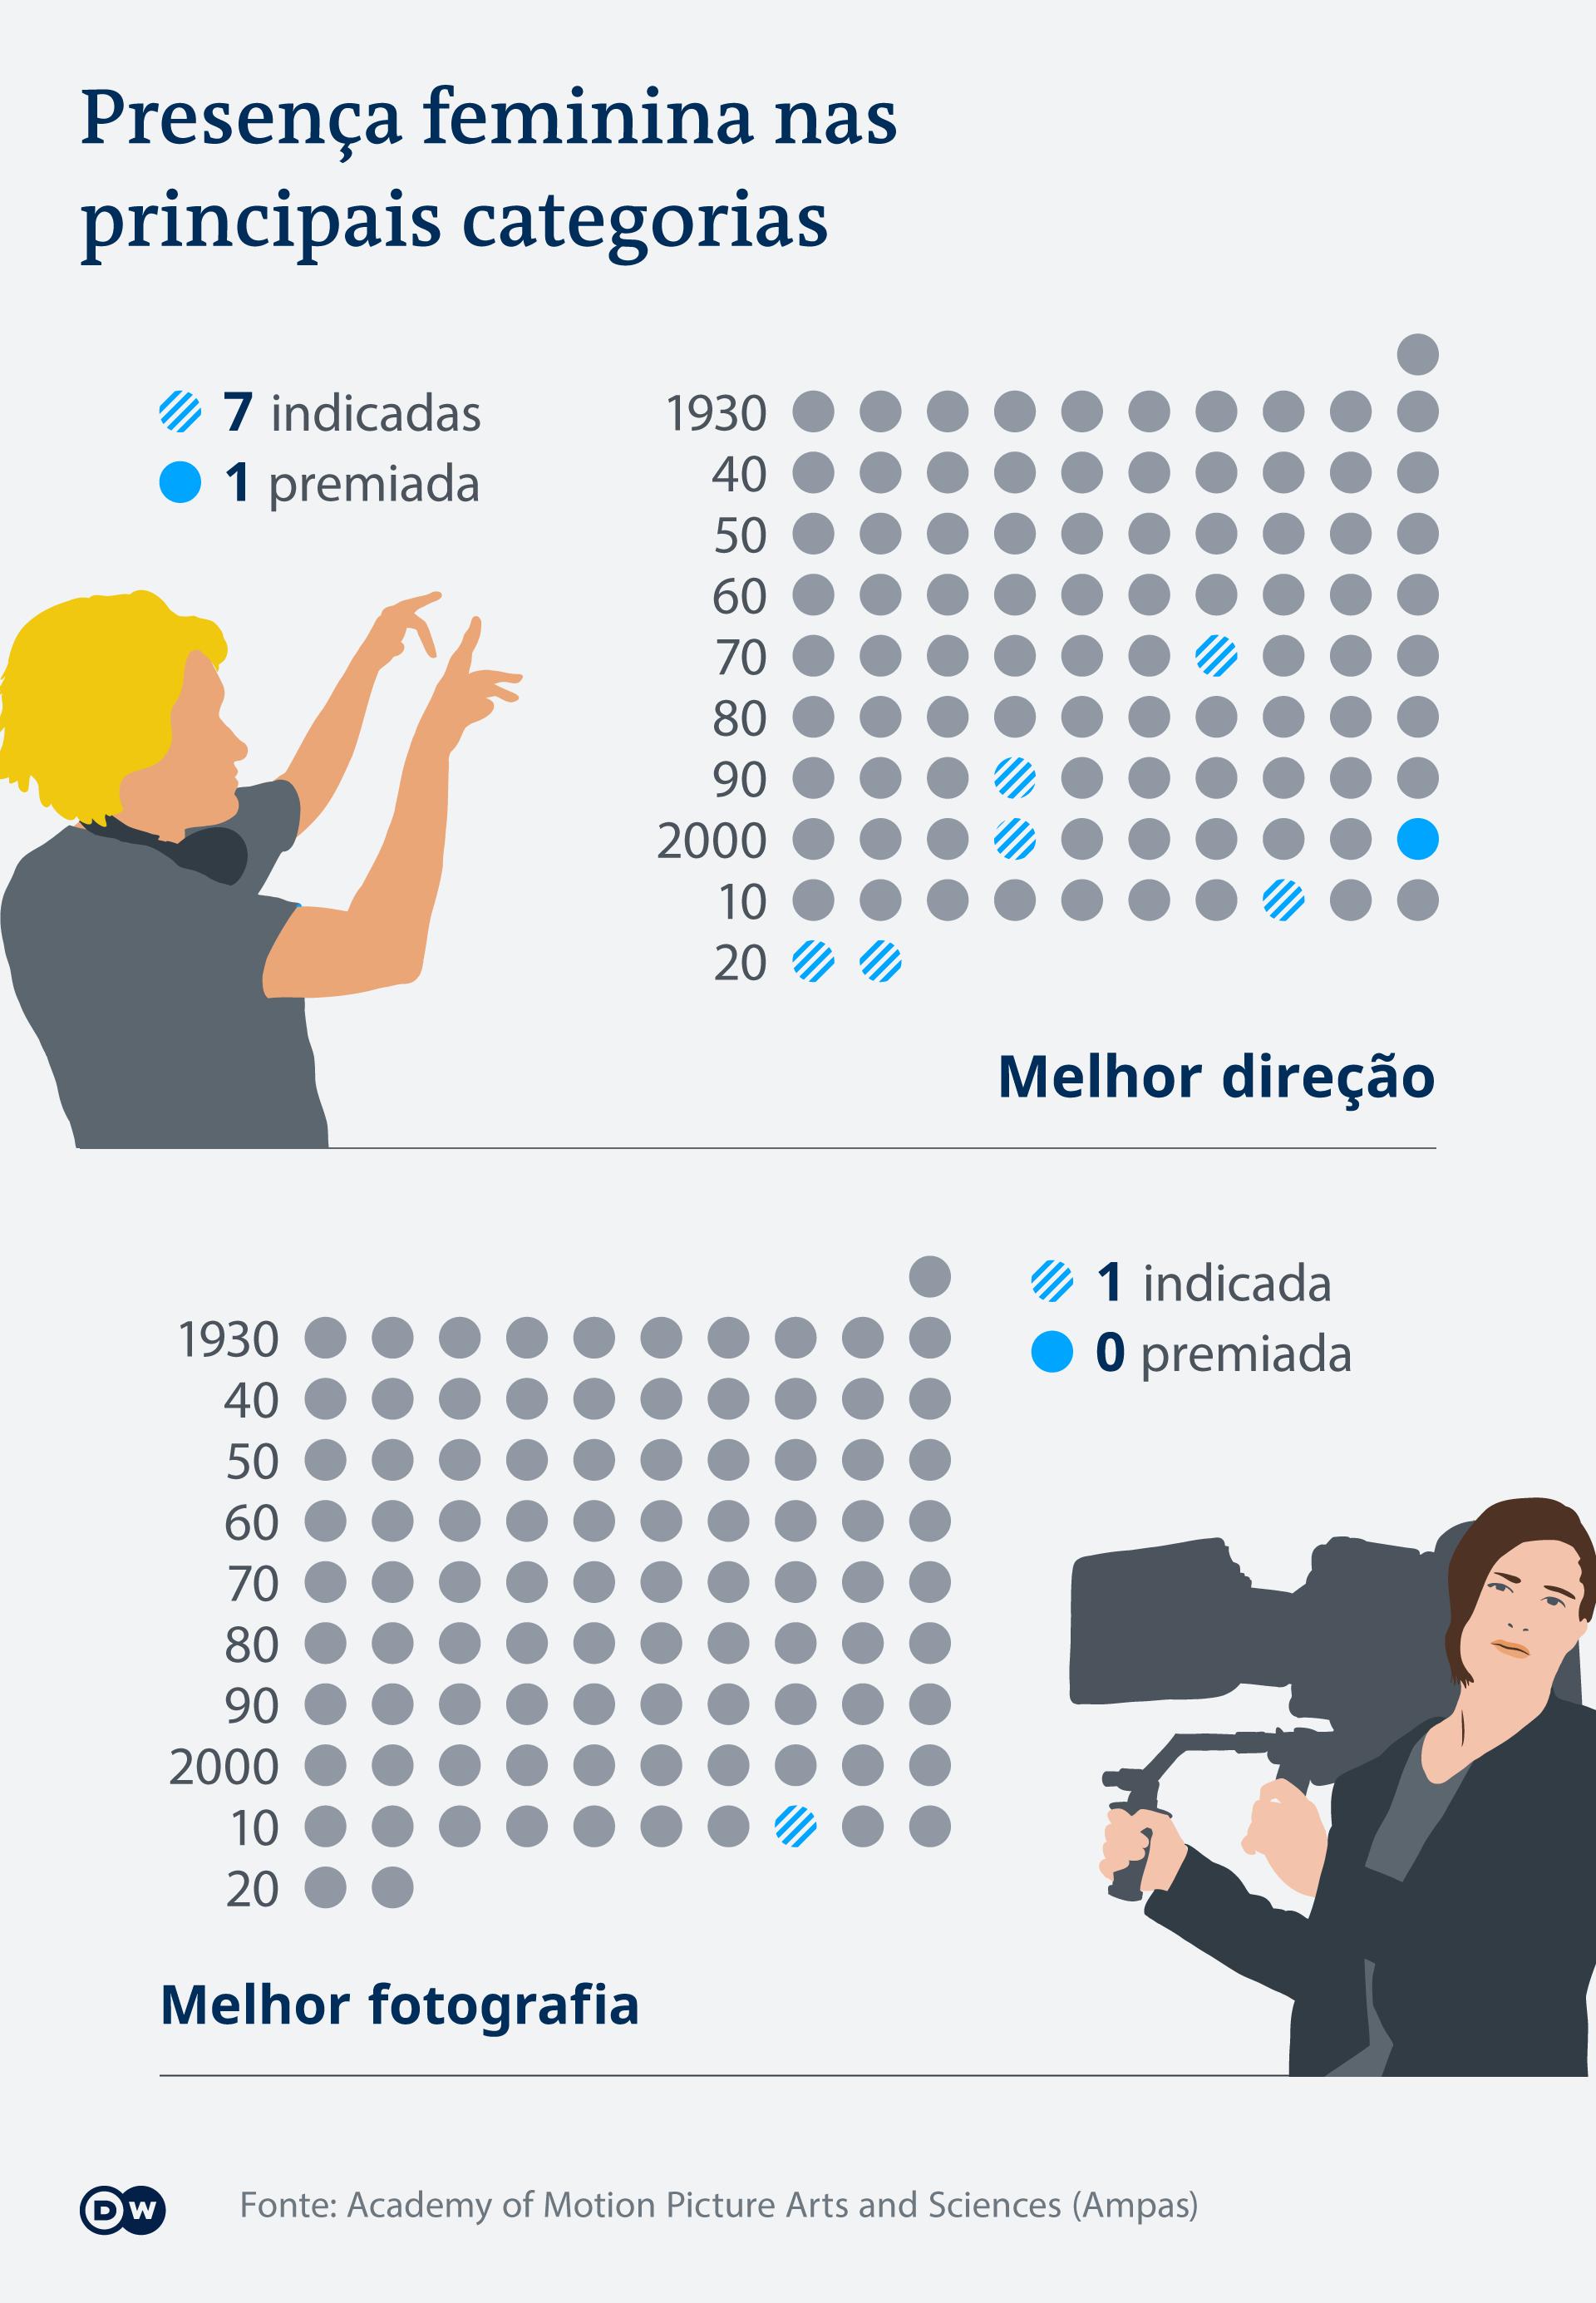 Presença feminina nas indicações do Oscar de Melhor Direção e Melhor Fotografia, de 1930 a 2020